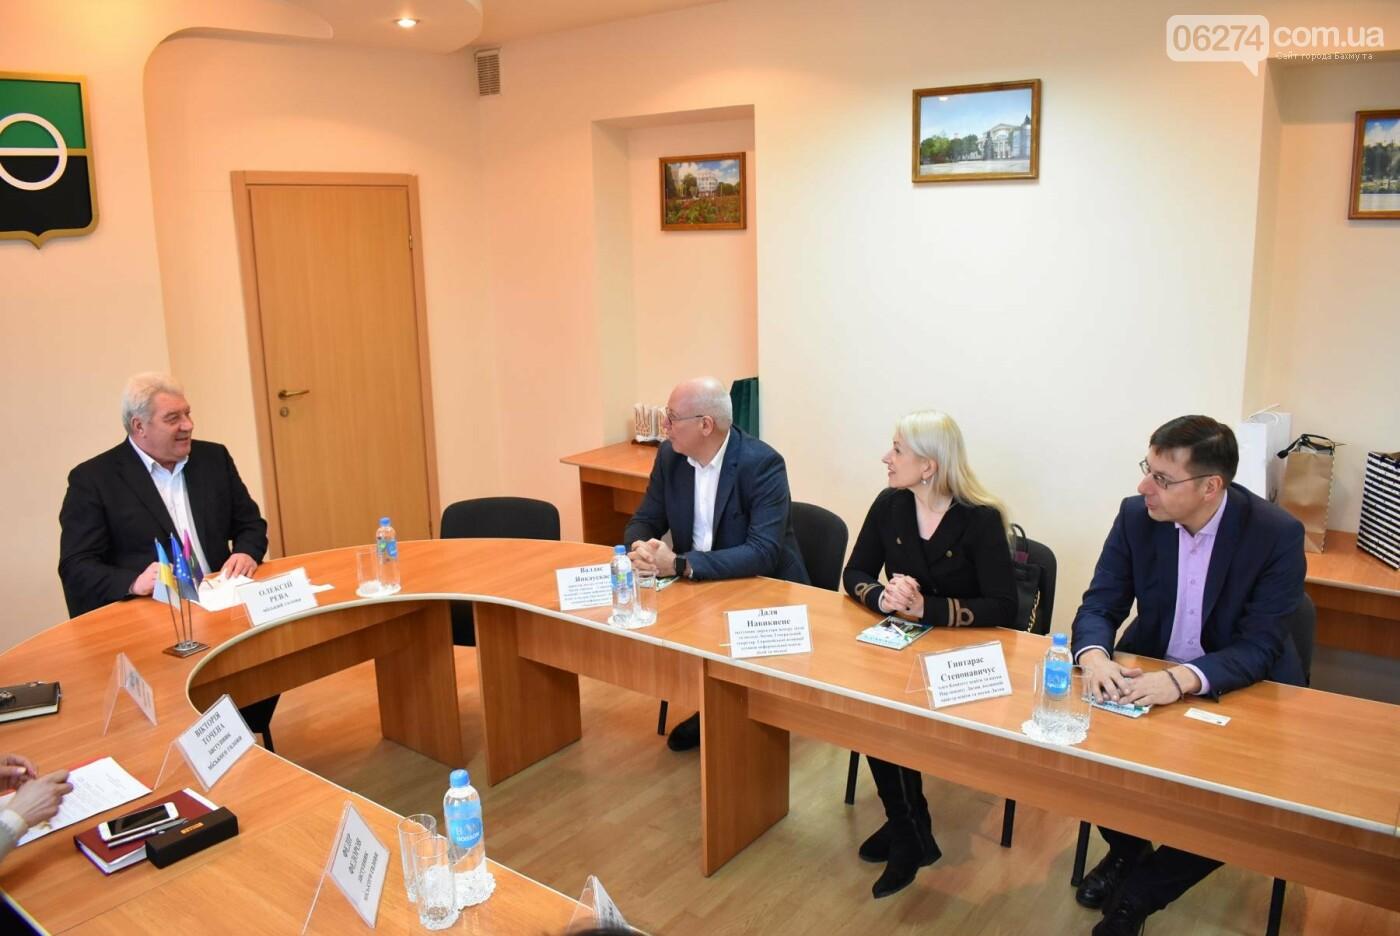 Бахмут посетила делегация из Литвы для обсуждения совместного образовательного проекта, фото-1